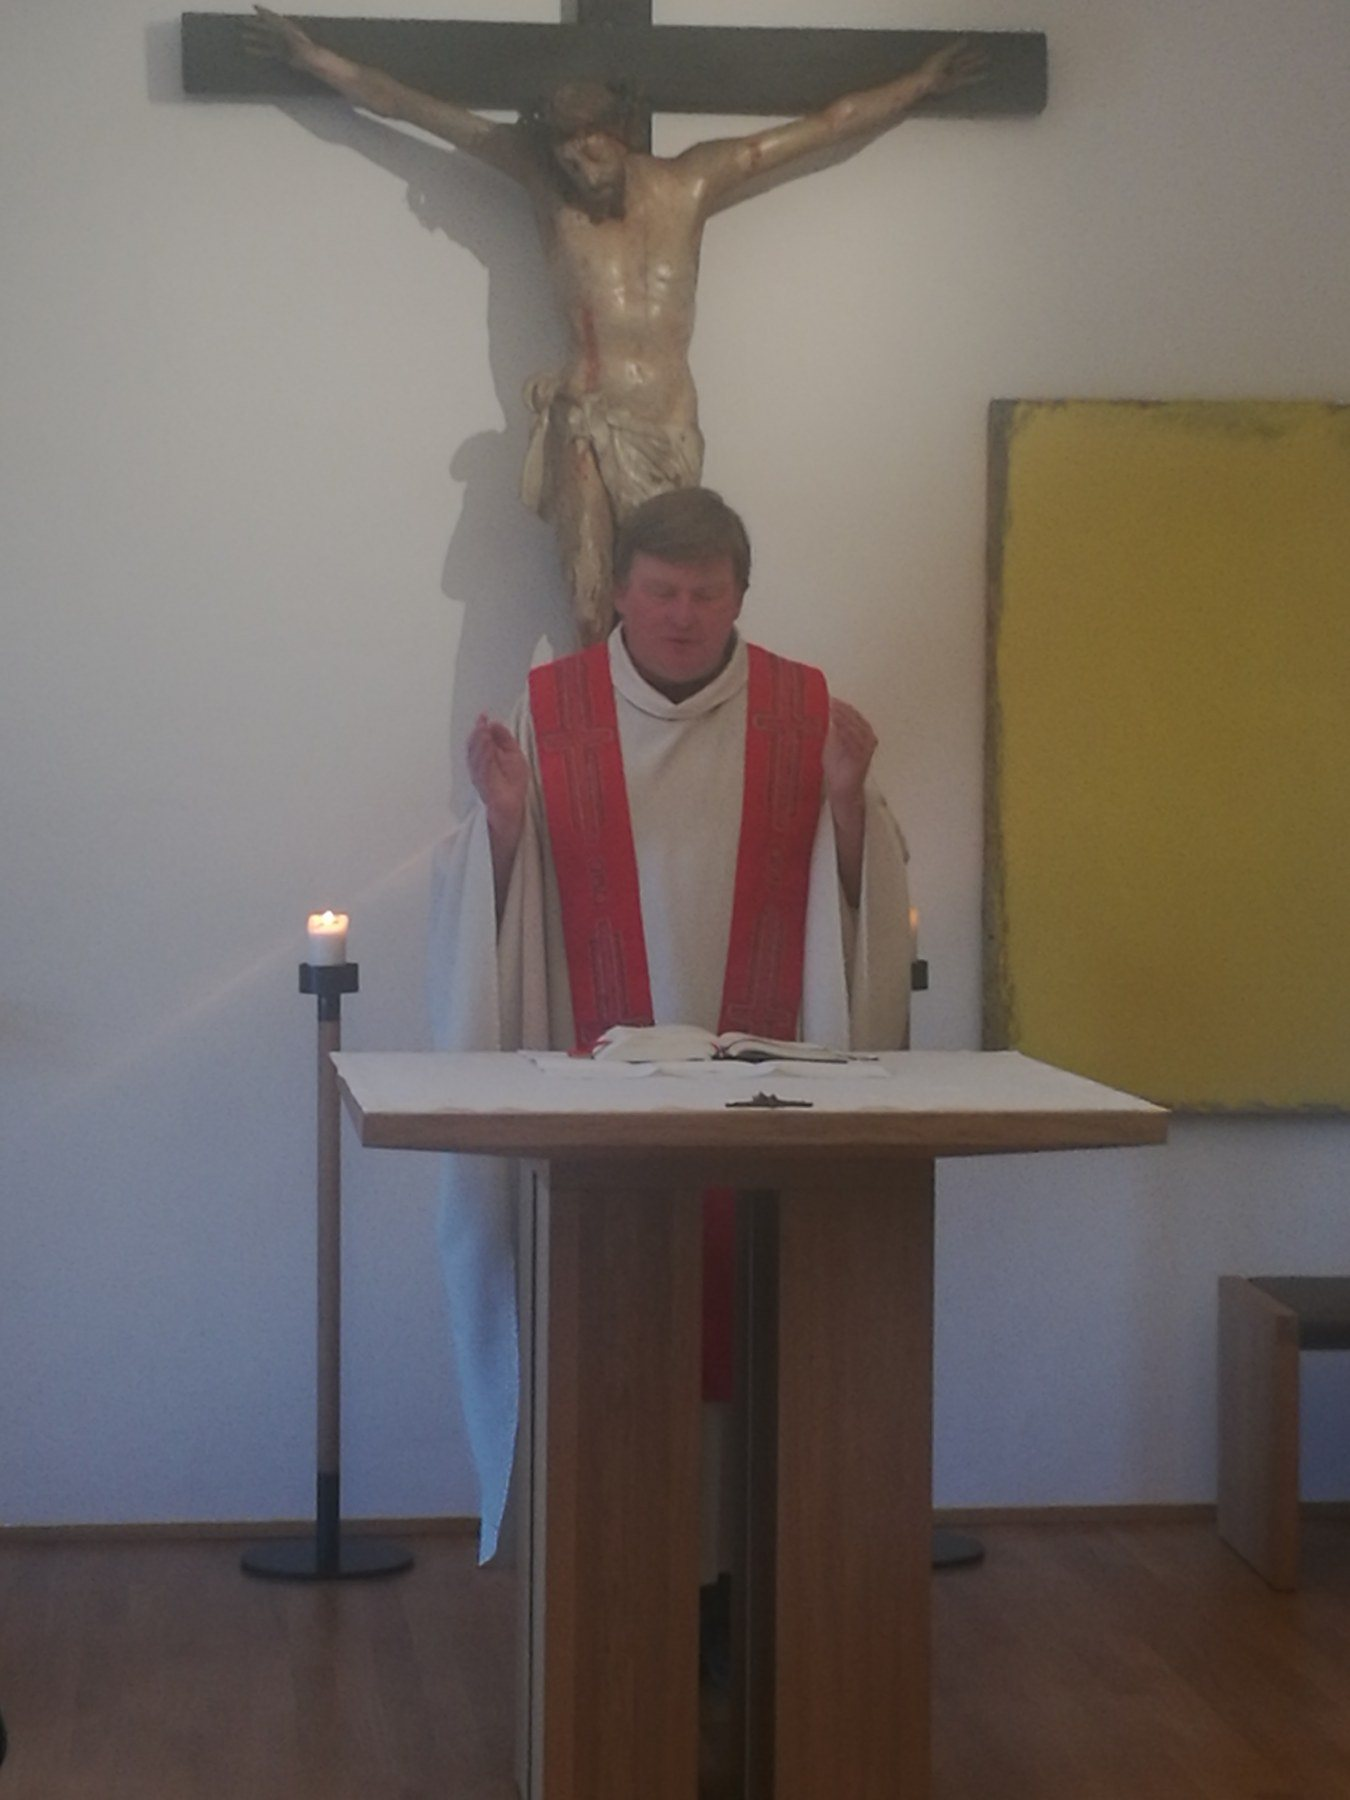 Kreuz gefesselt ans Ans Kreuz